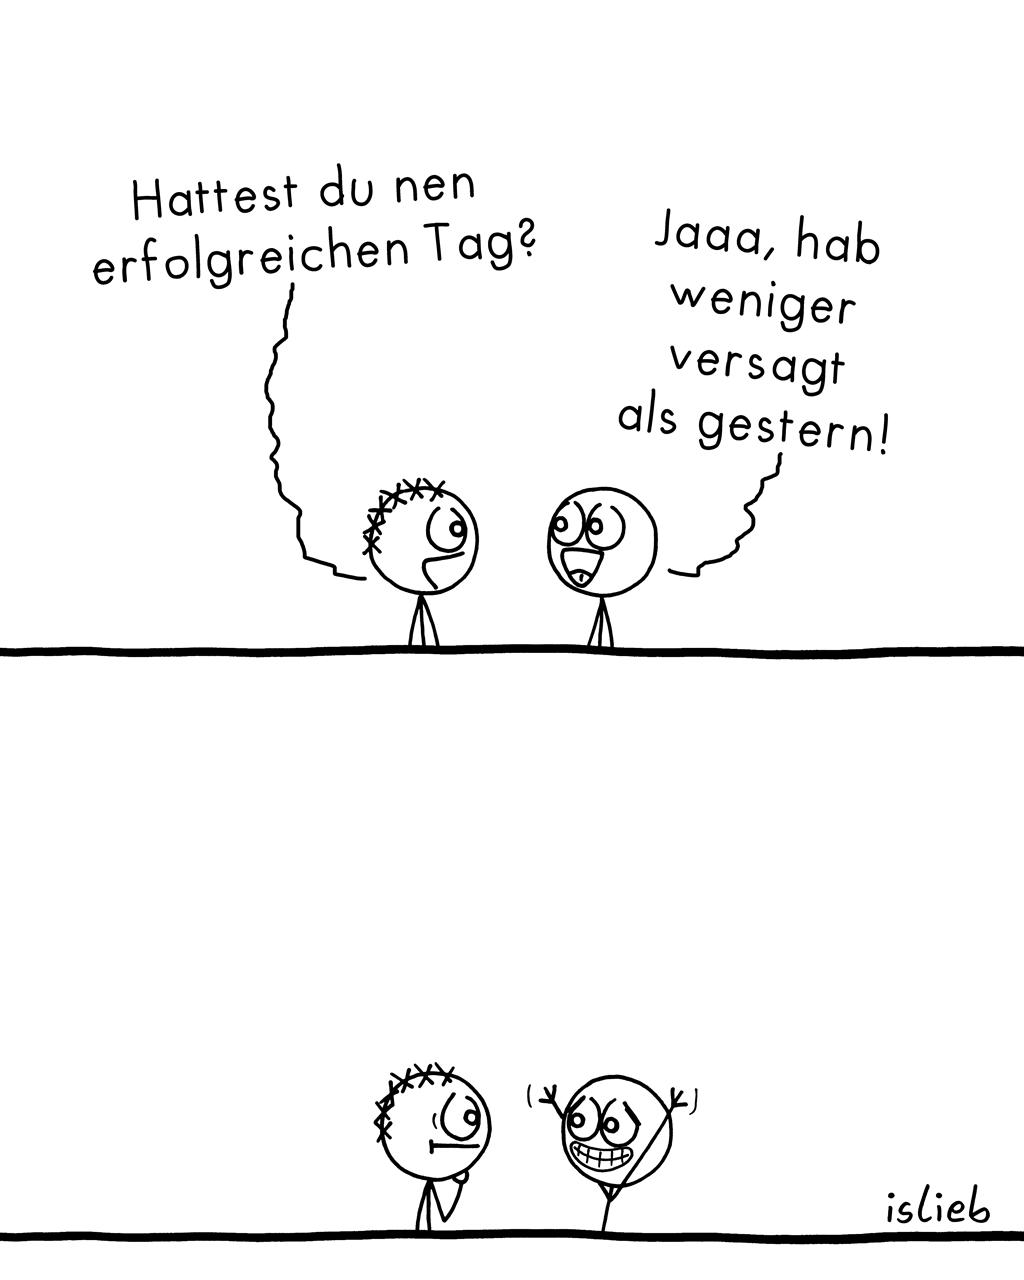 Erfolgreicher Tag | Strichmännchen-Comic | islieb